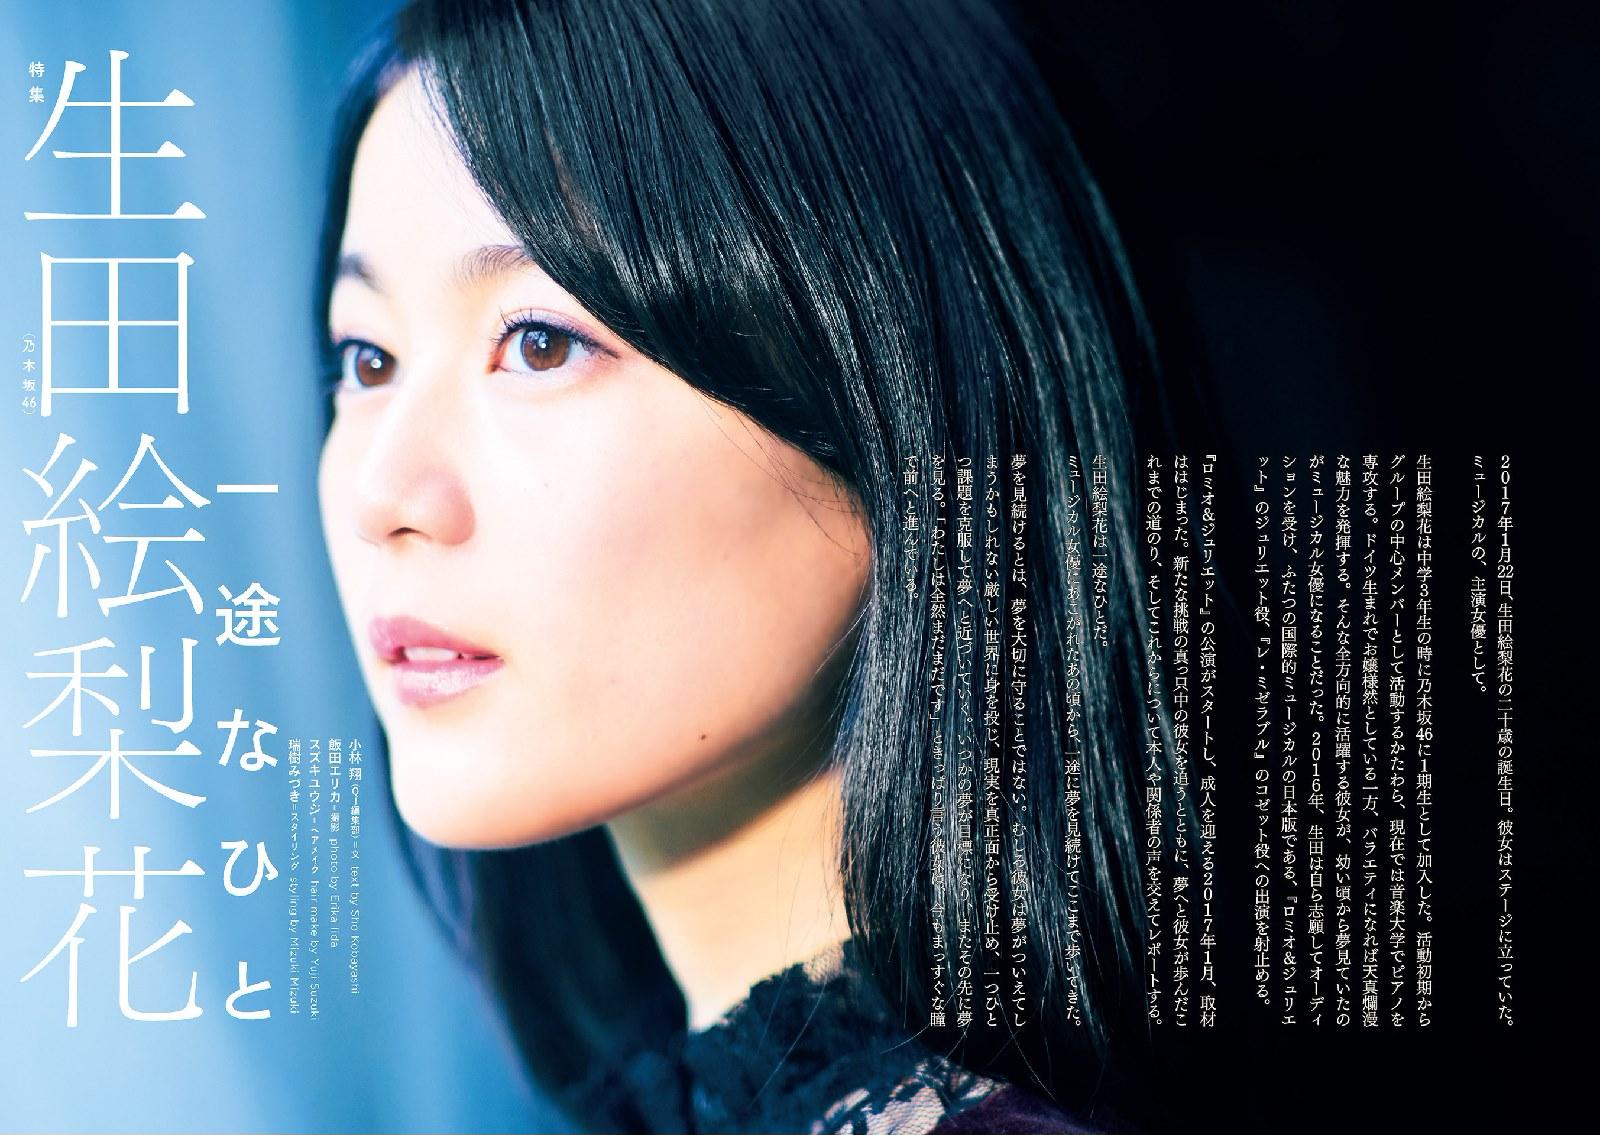 Ikuta Erika 生田絵梨花 Nogizaka46, Quick Japan 2017 Vol.130